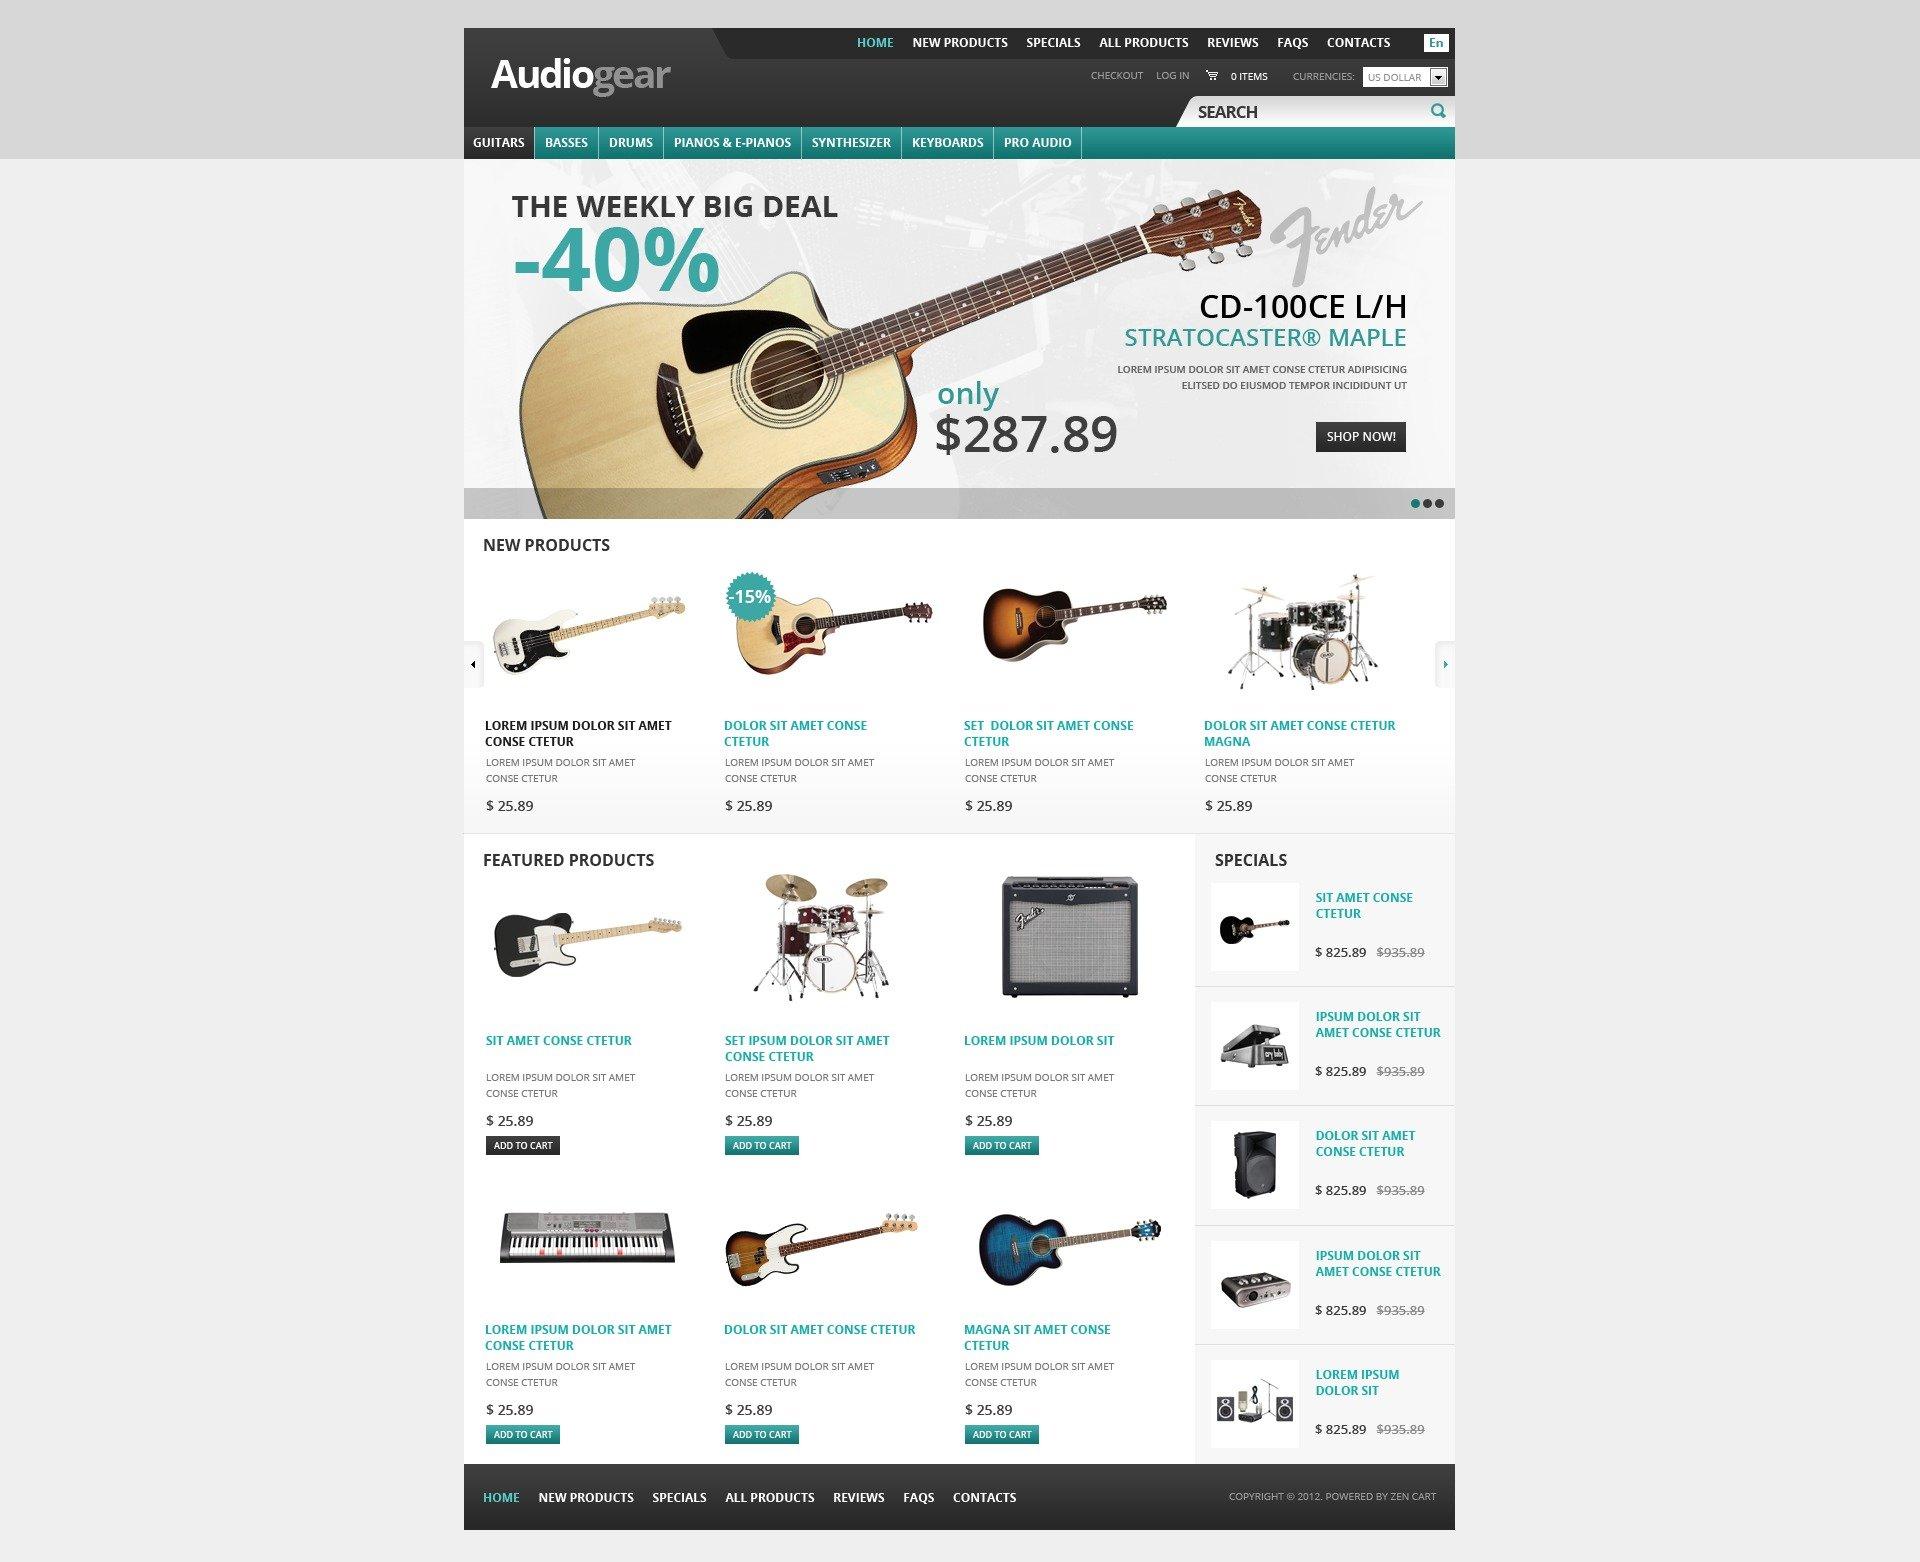 Müzik Mağazası Zencart #38069 - Ekran resmi